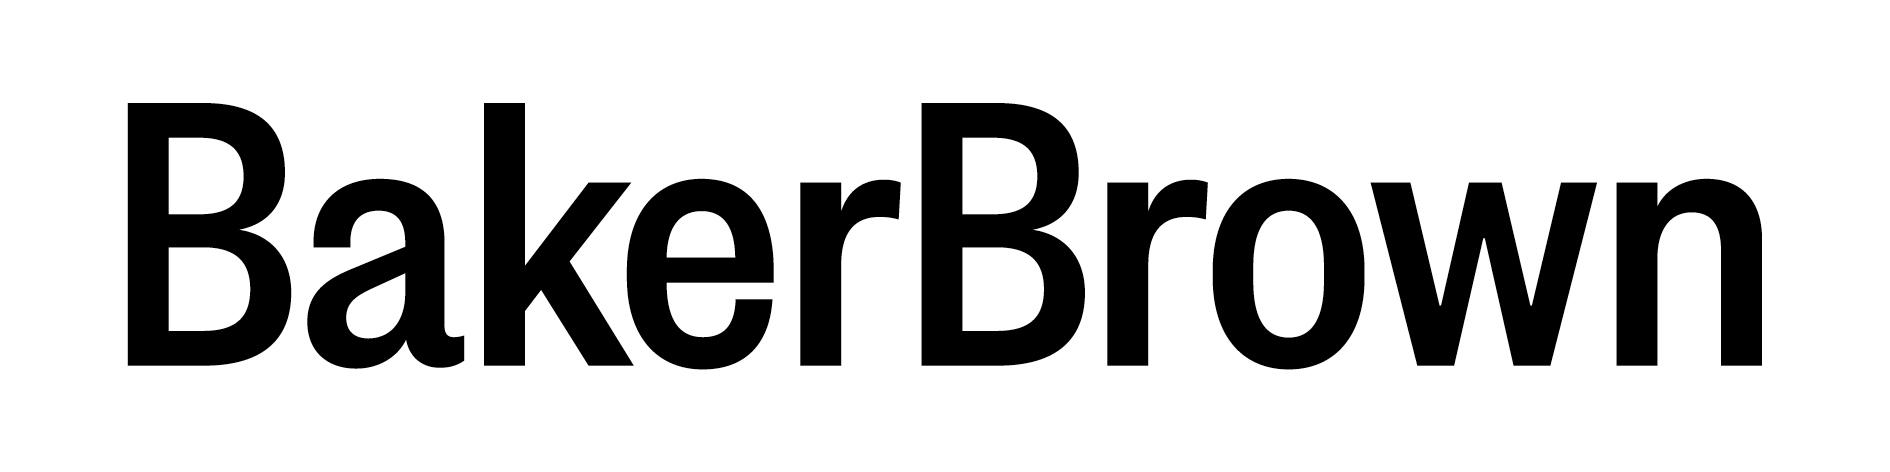 BakerBrown logo